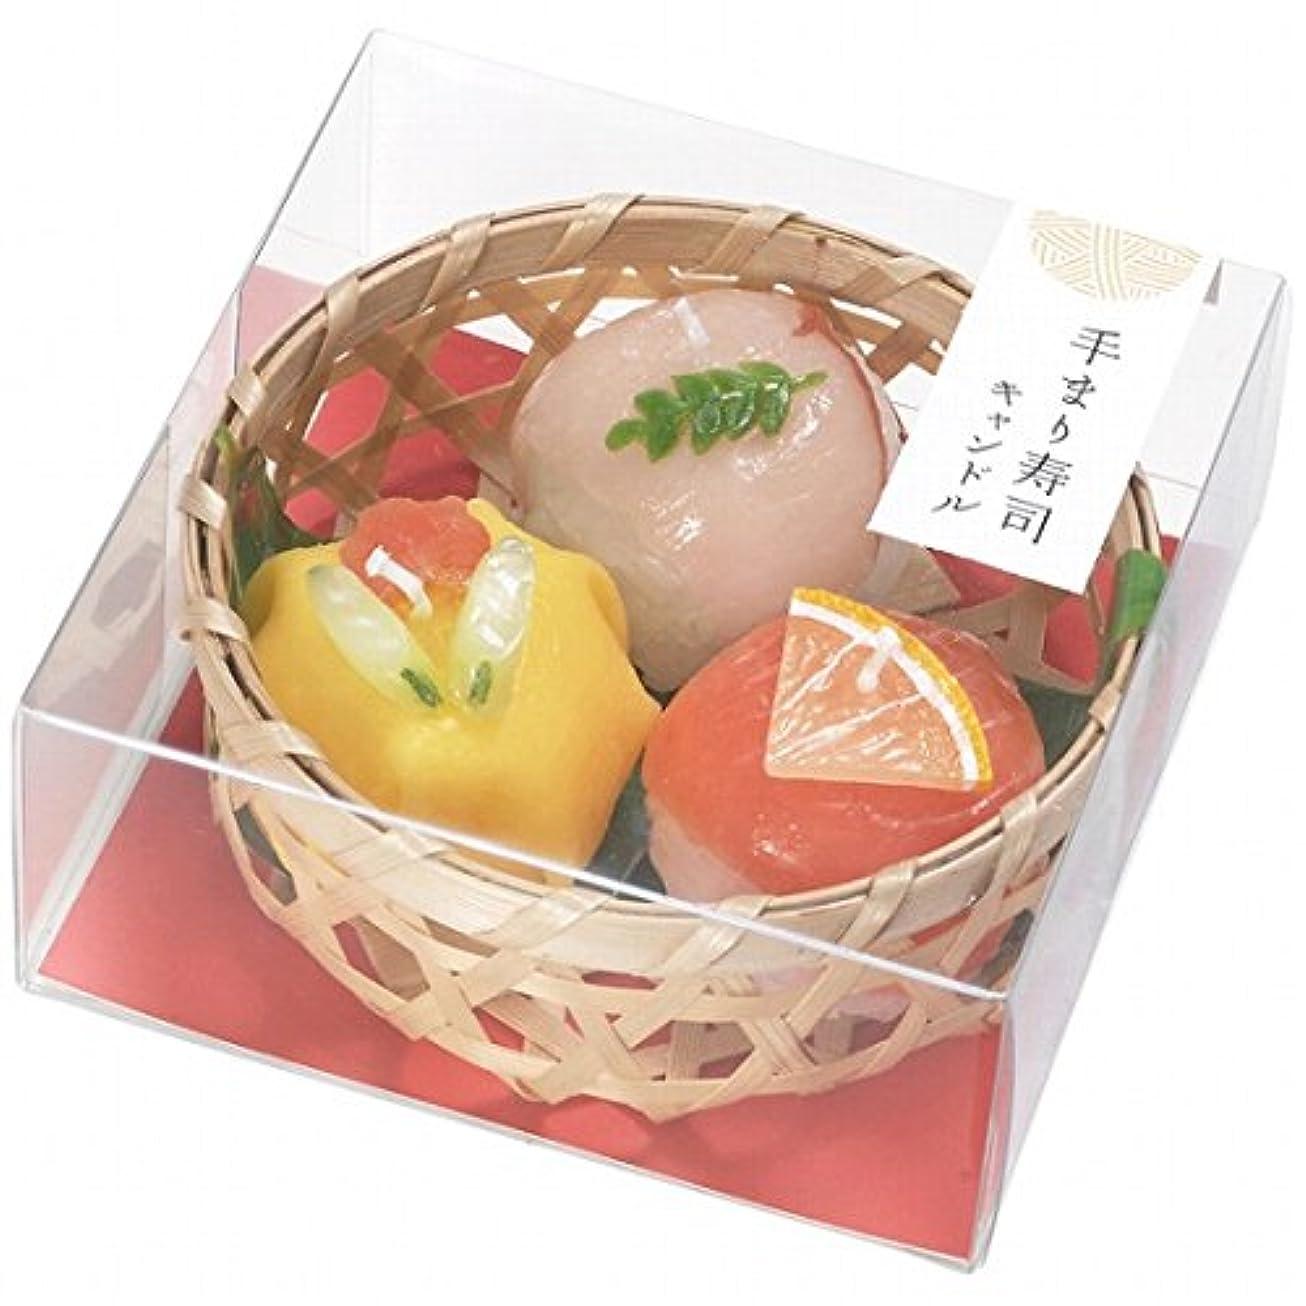 物理学者拳オートカメヤマキャンドル(kameyama candle) 手まり寿司キャンドル